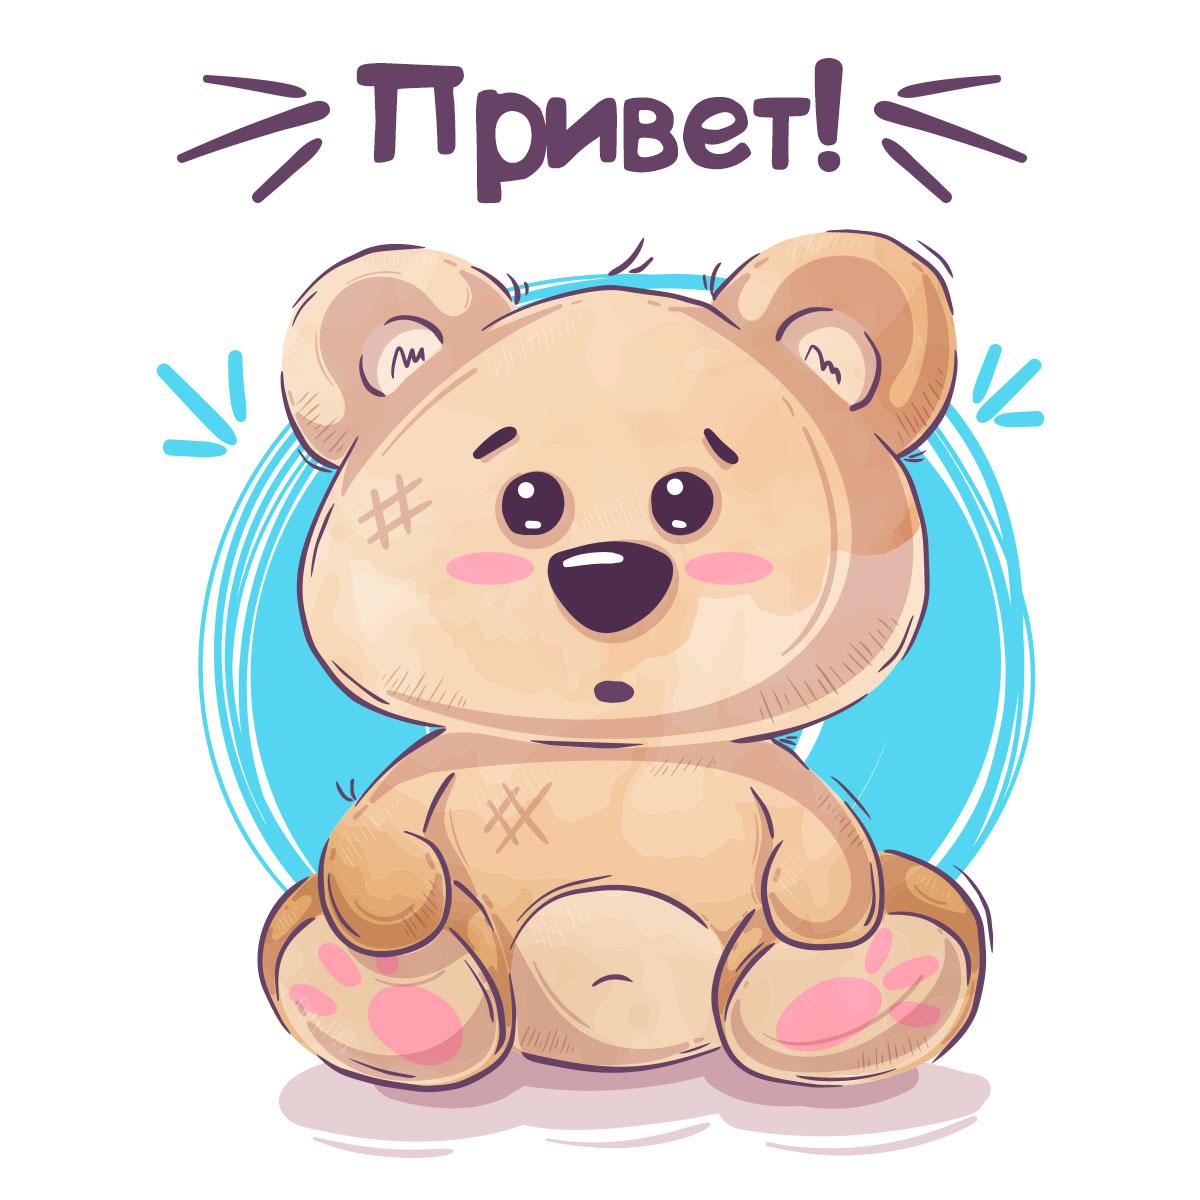 Игрушечный медведь тедди на фоне голубого круга